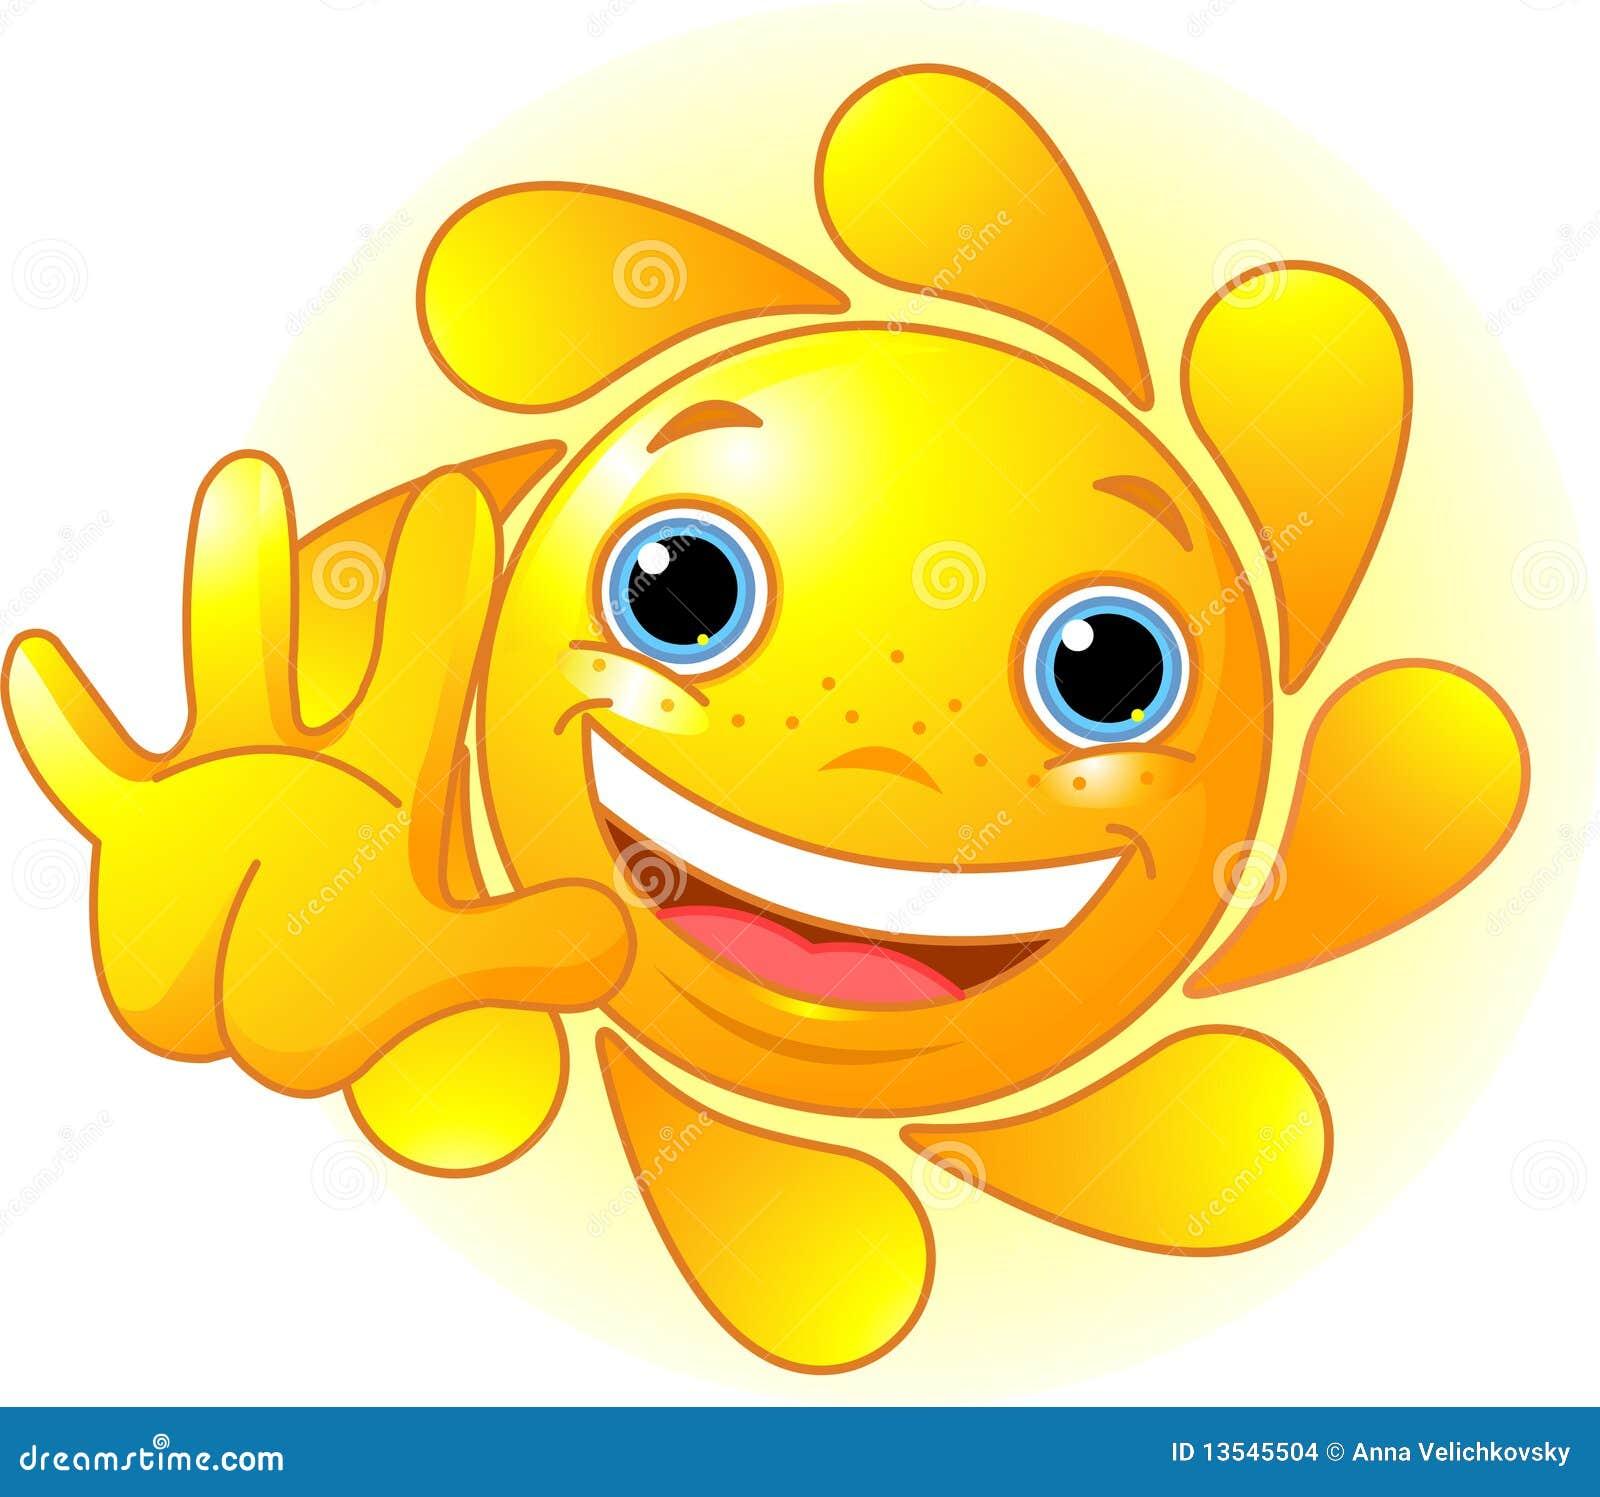 солнце привет картинки